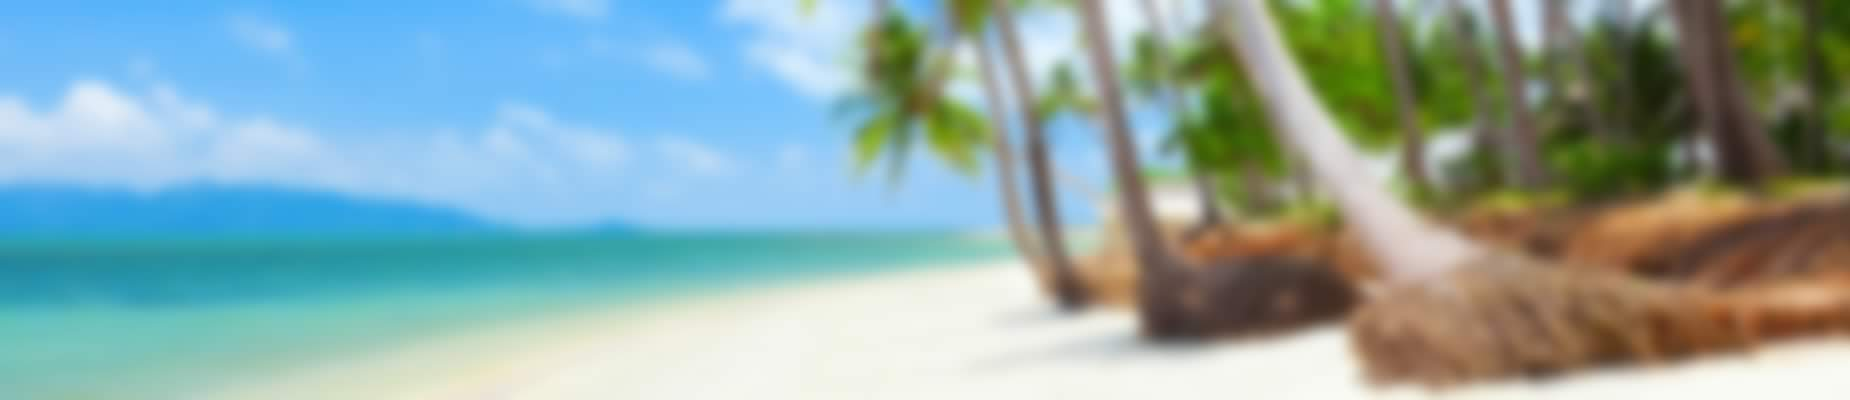 Beach Scene Slide 2